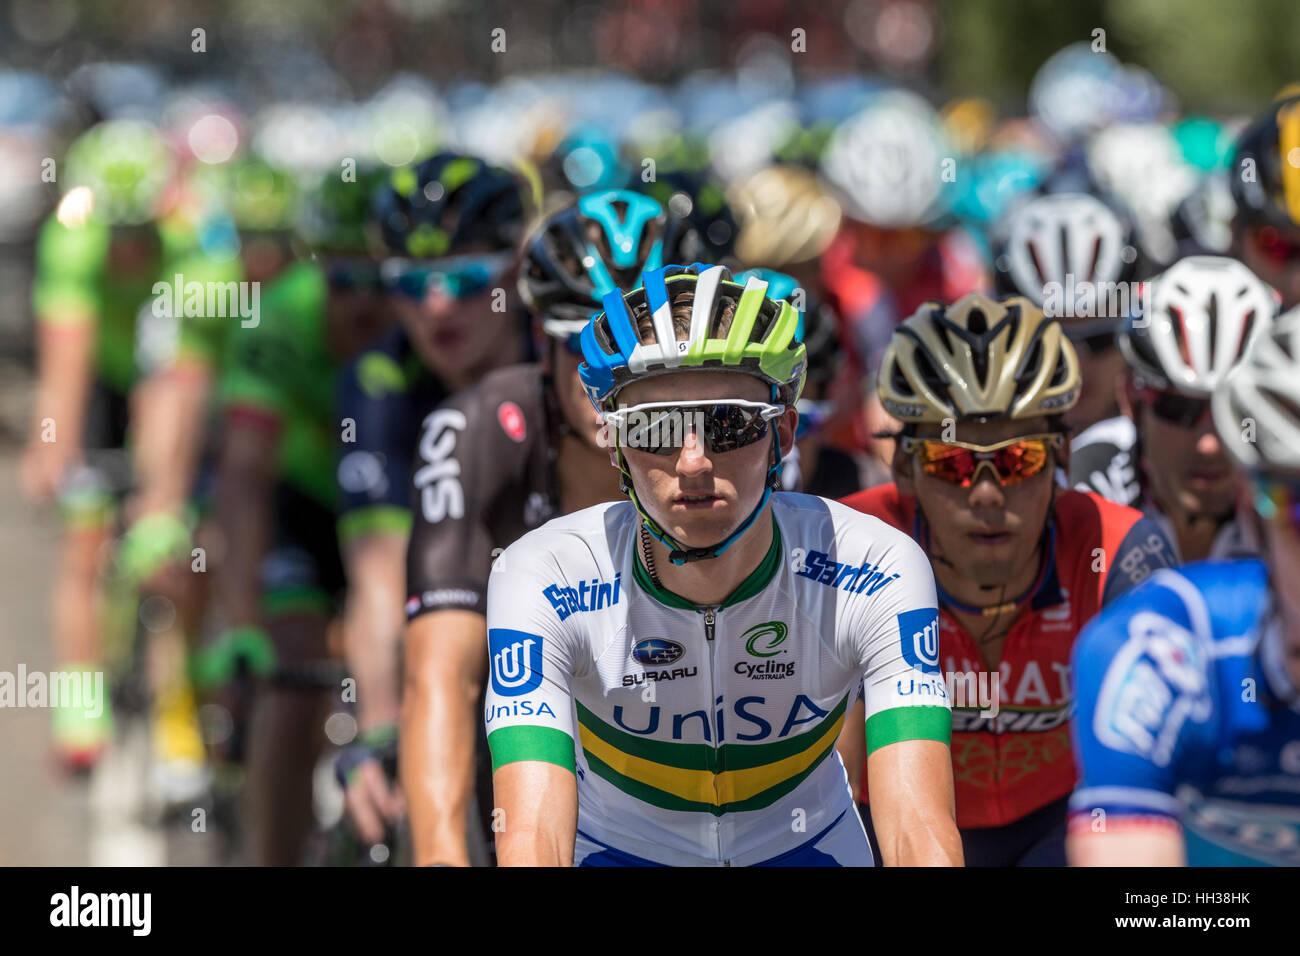 Adelaide, Australia. Il 17 gennaio, 2017. I ciclisti da Team UNISA (N.A.) durante la fase 1 del Santos Tour Down Immagini Stock